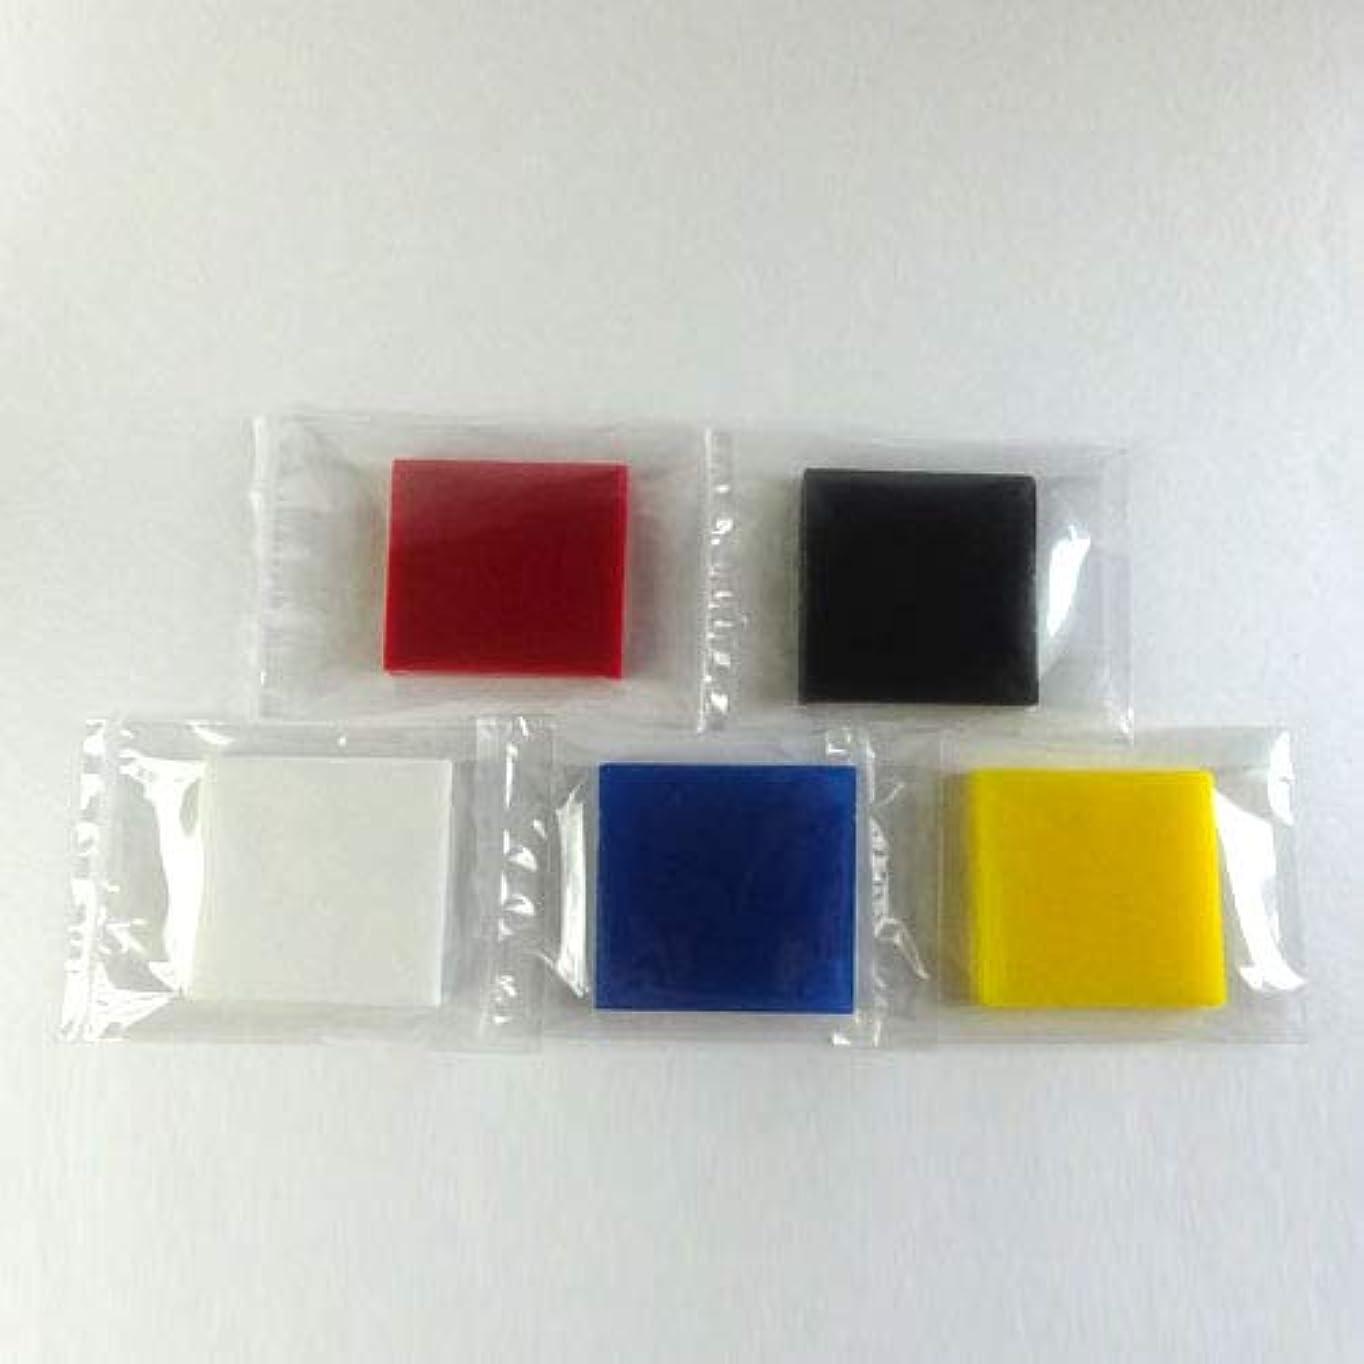 ギャングスターバーマドコンデンサーグリセリンソープ MPソープ 色チップ 5色(赤?青?黄?白?黒) 各30g